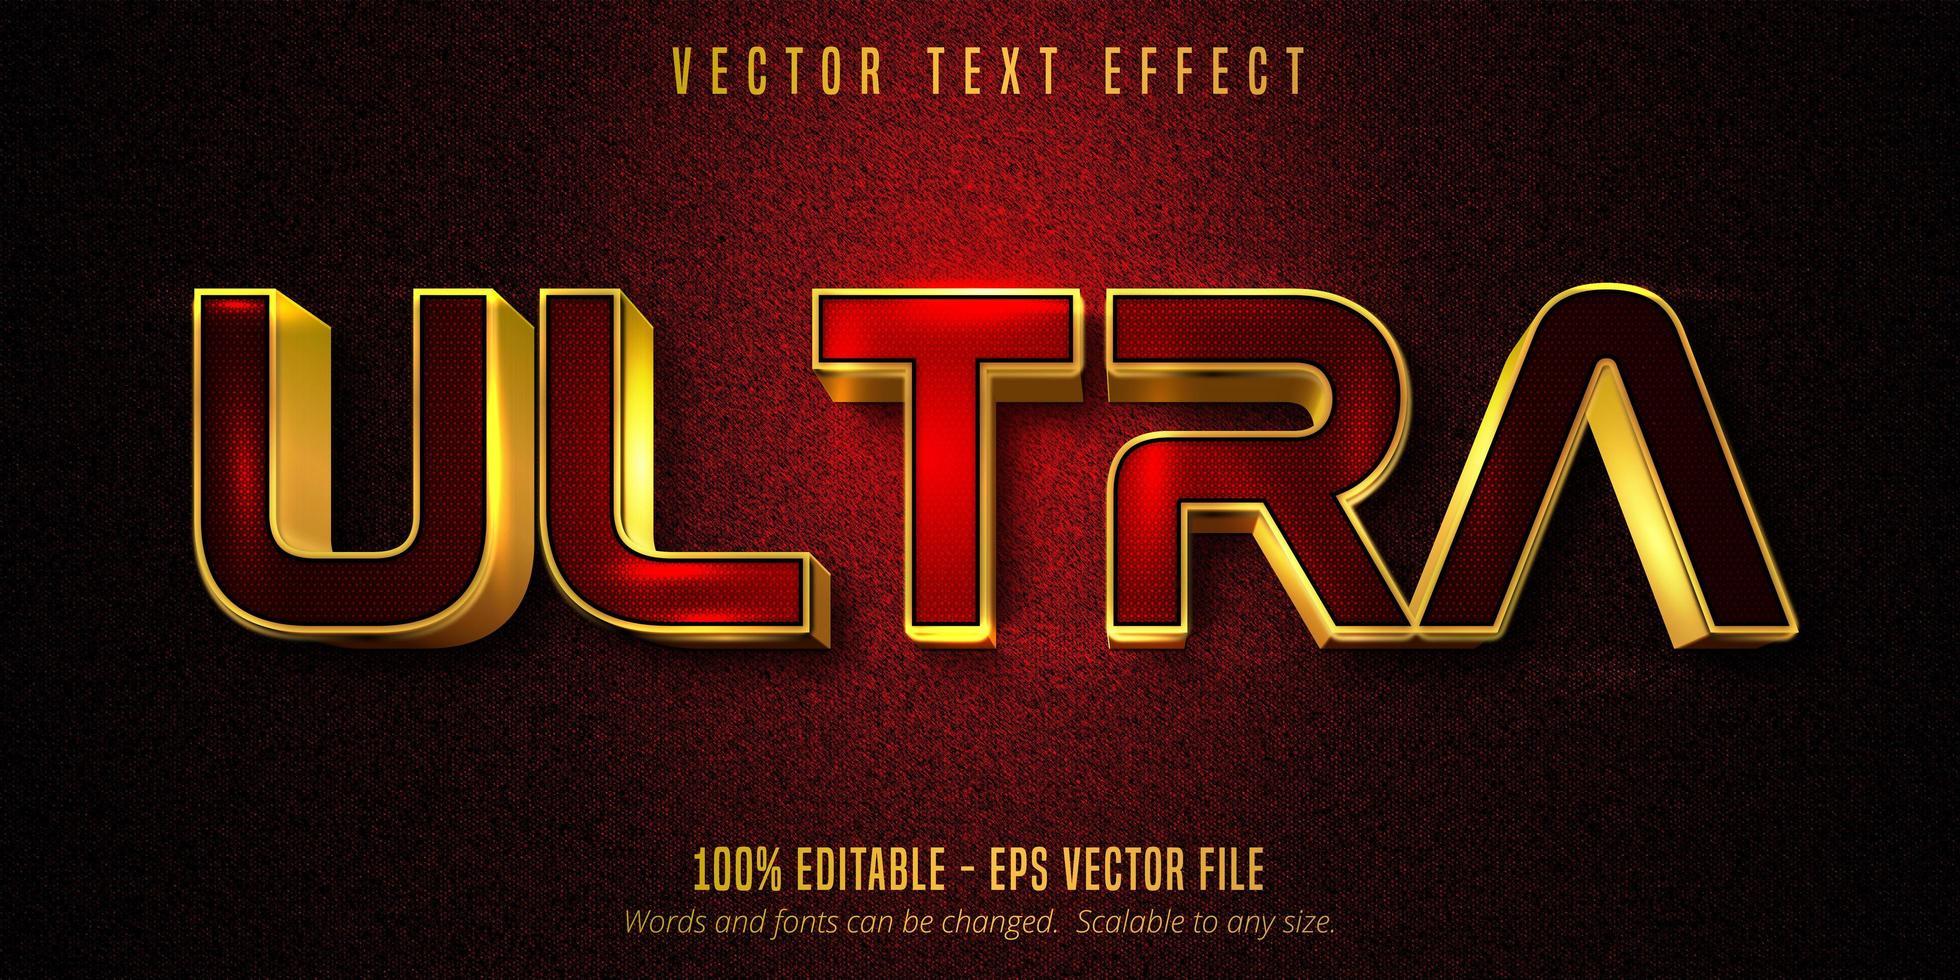 effet de texte modifiable ultra luxe rouge et or vecteur